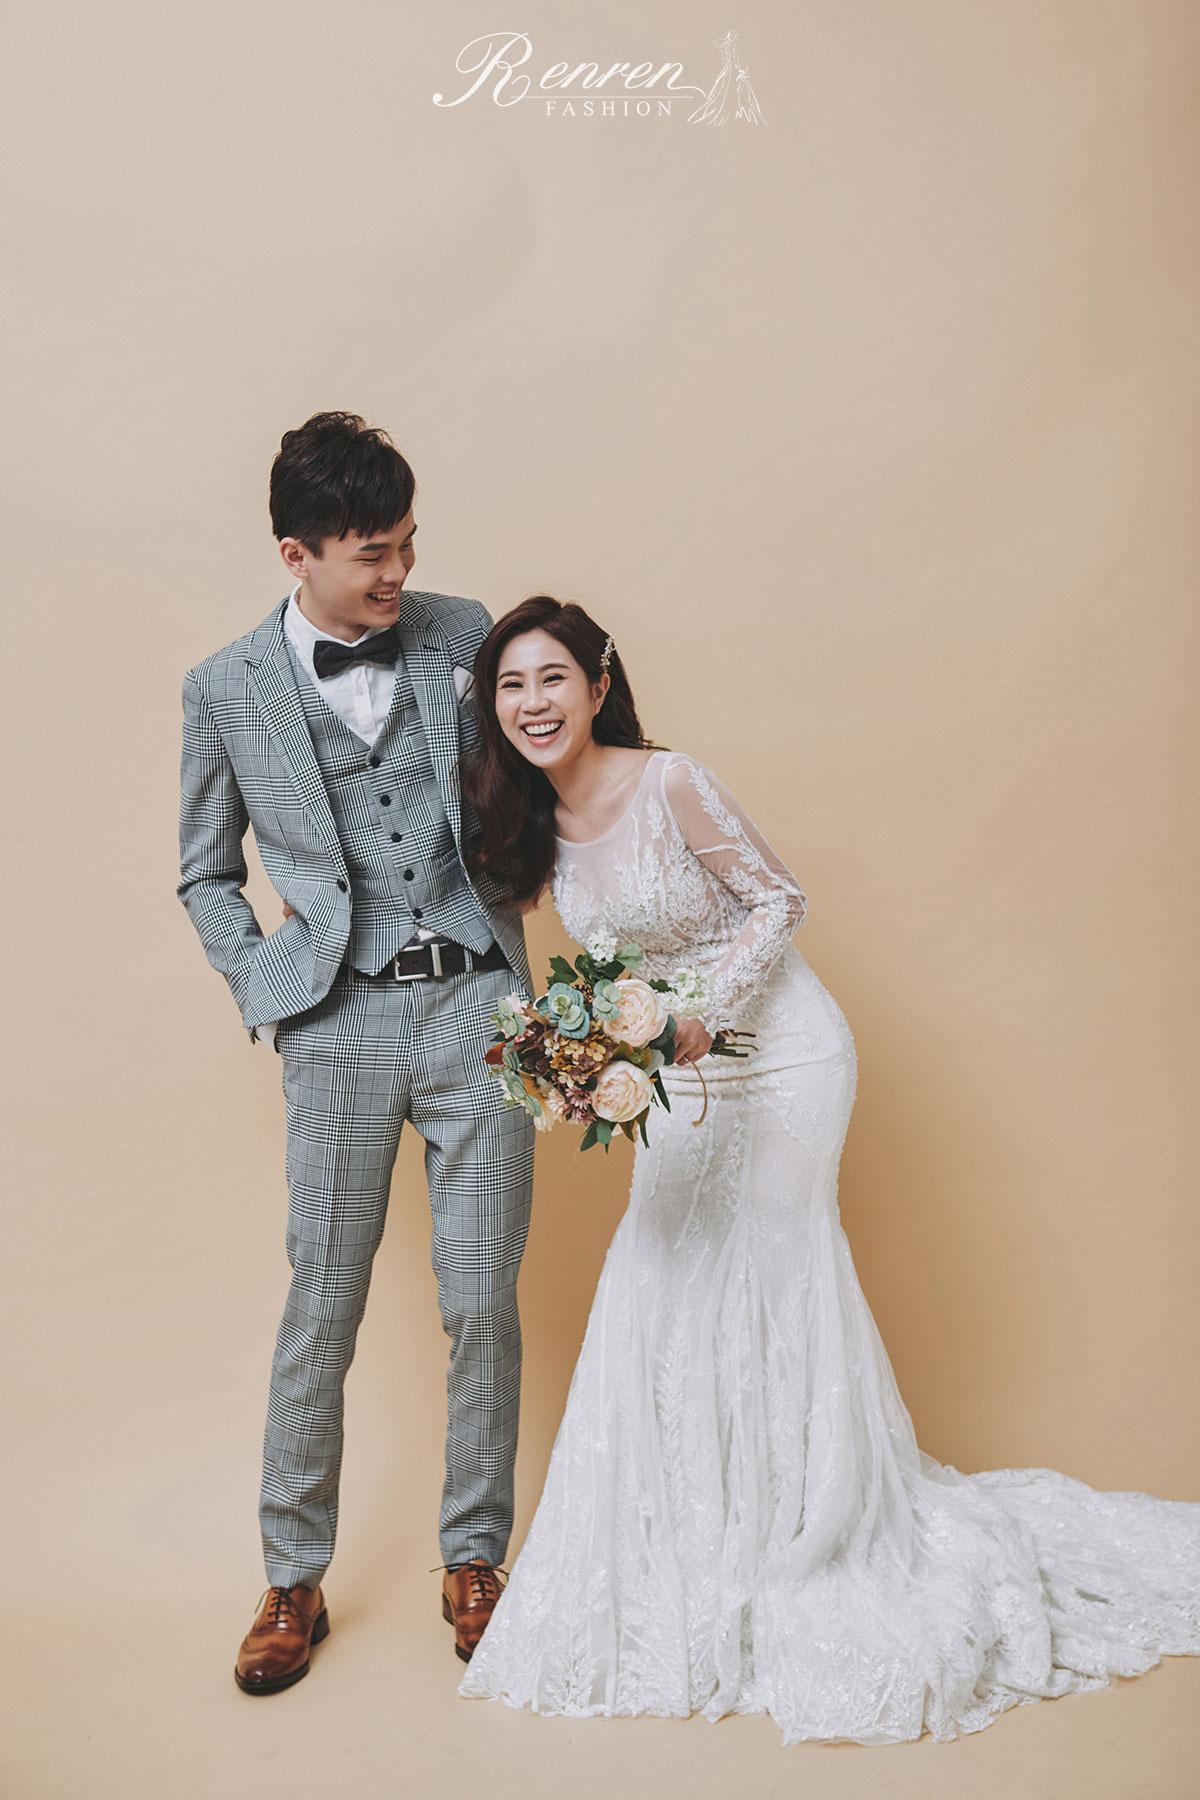 台中 清新 美式婚紗-素色背景-婚紗